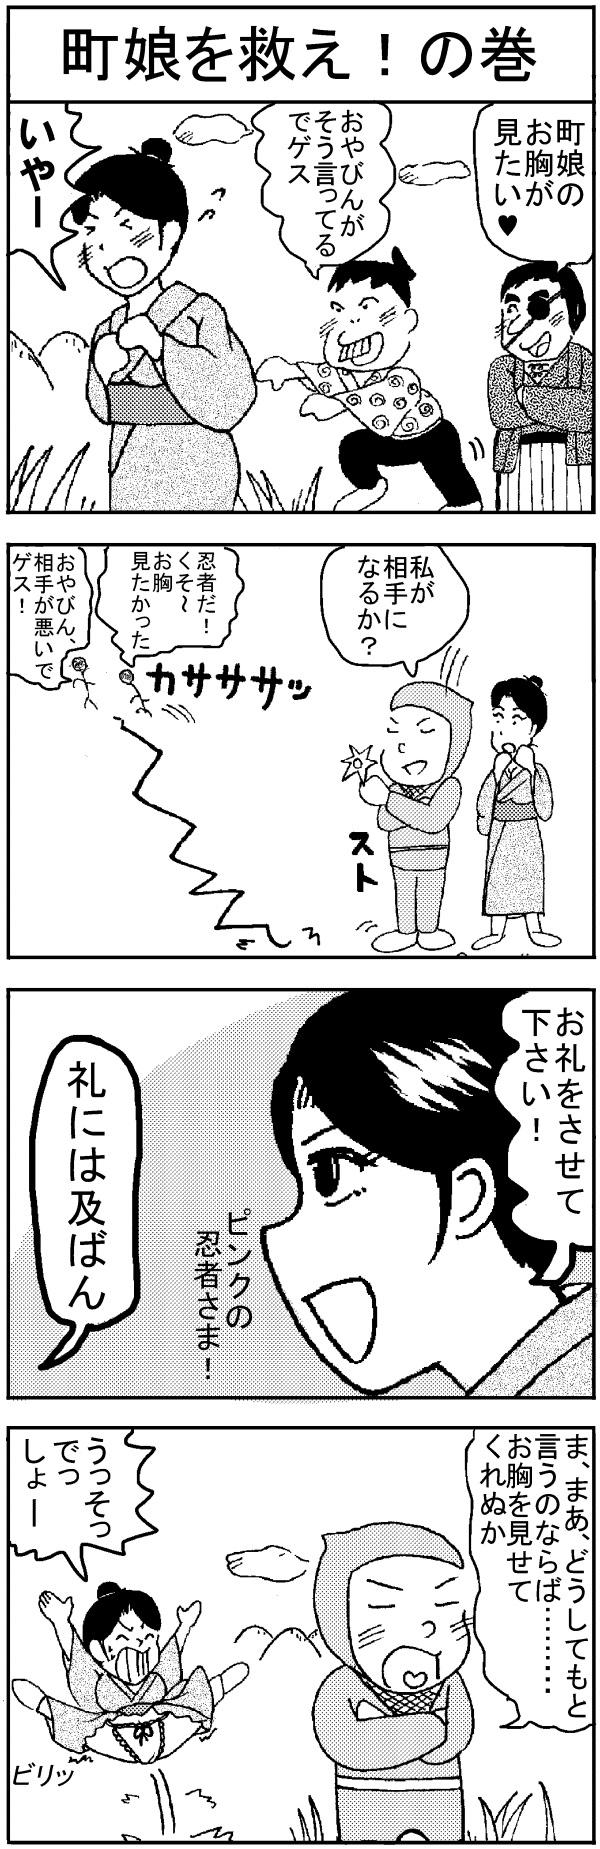 筋トレとか関係ない漫画